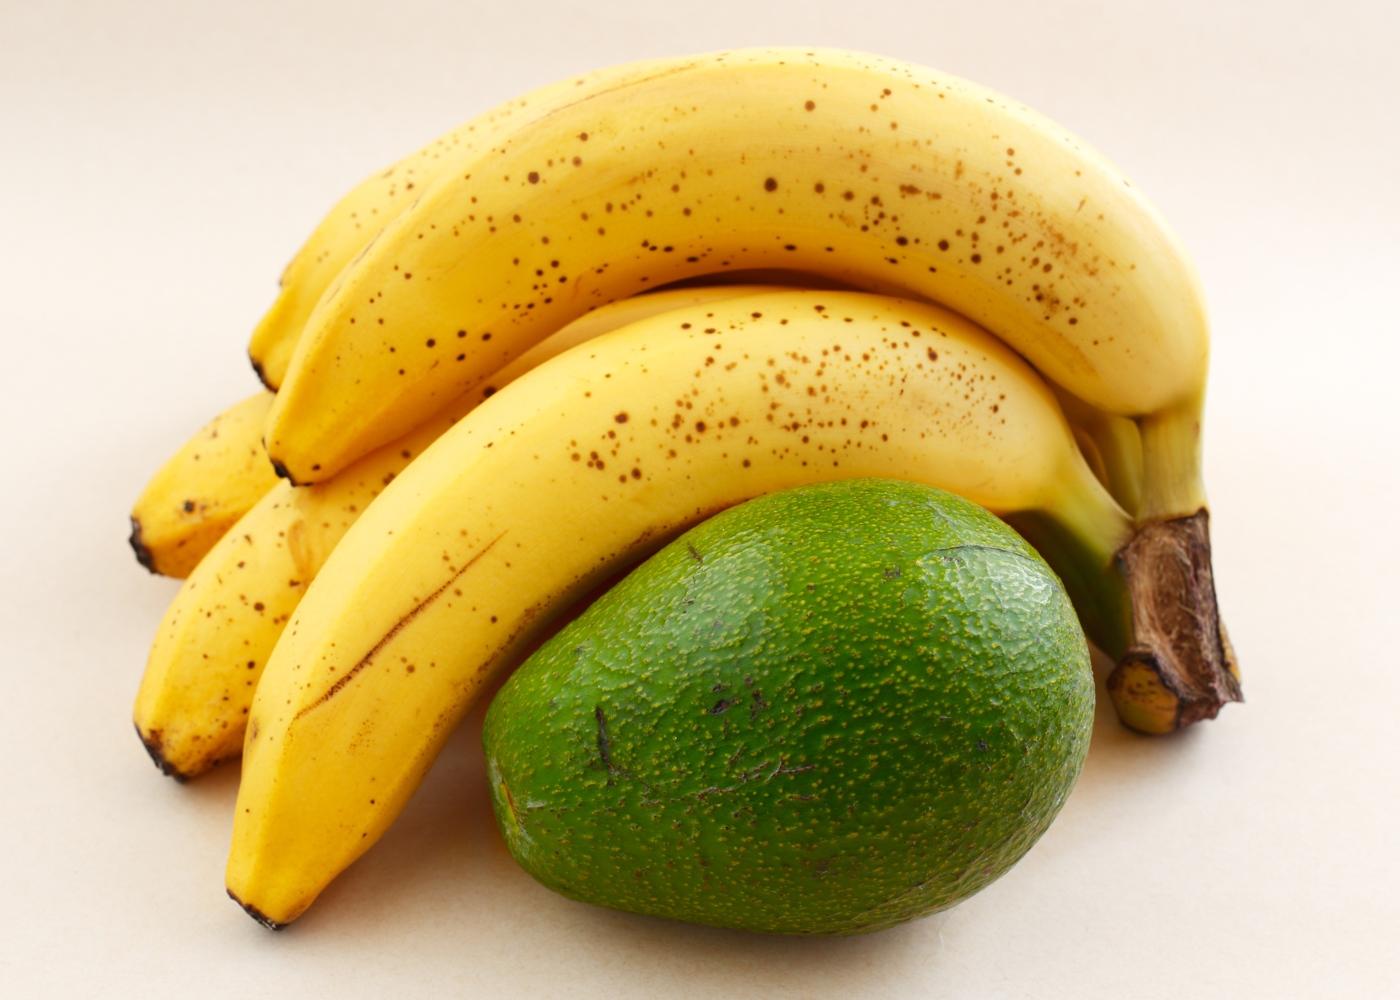 Coisas que não deve guardar no seu frigorífico: abacate e bananas